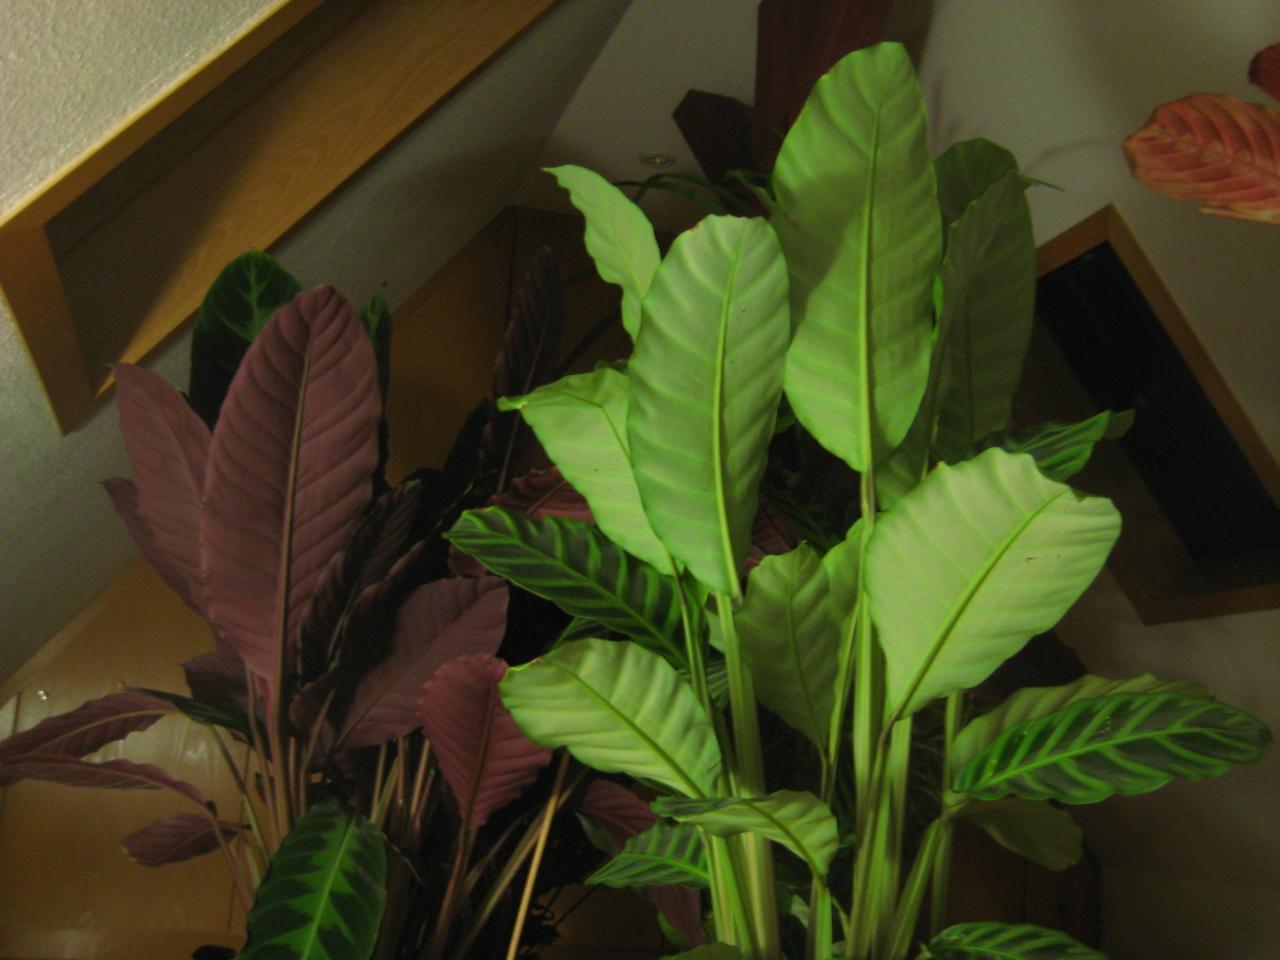 schlafstellung korbmarante pflanzen botanik green24 hilfe pflege bilder. Black Bedroom Furniture Sets. Home Design Ideas